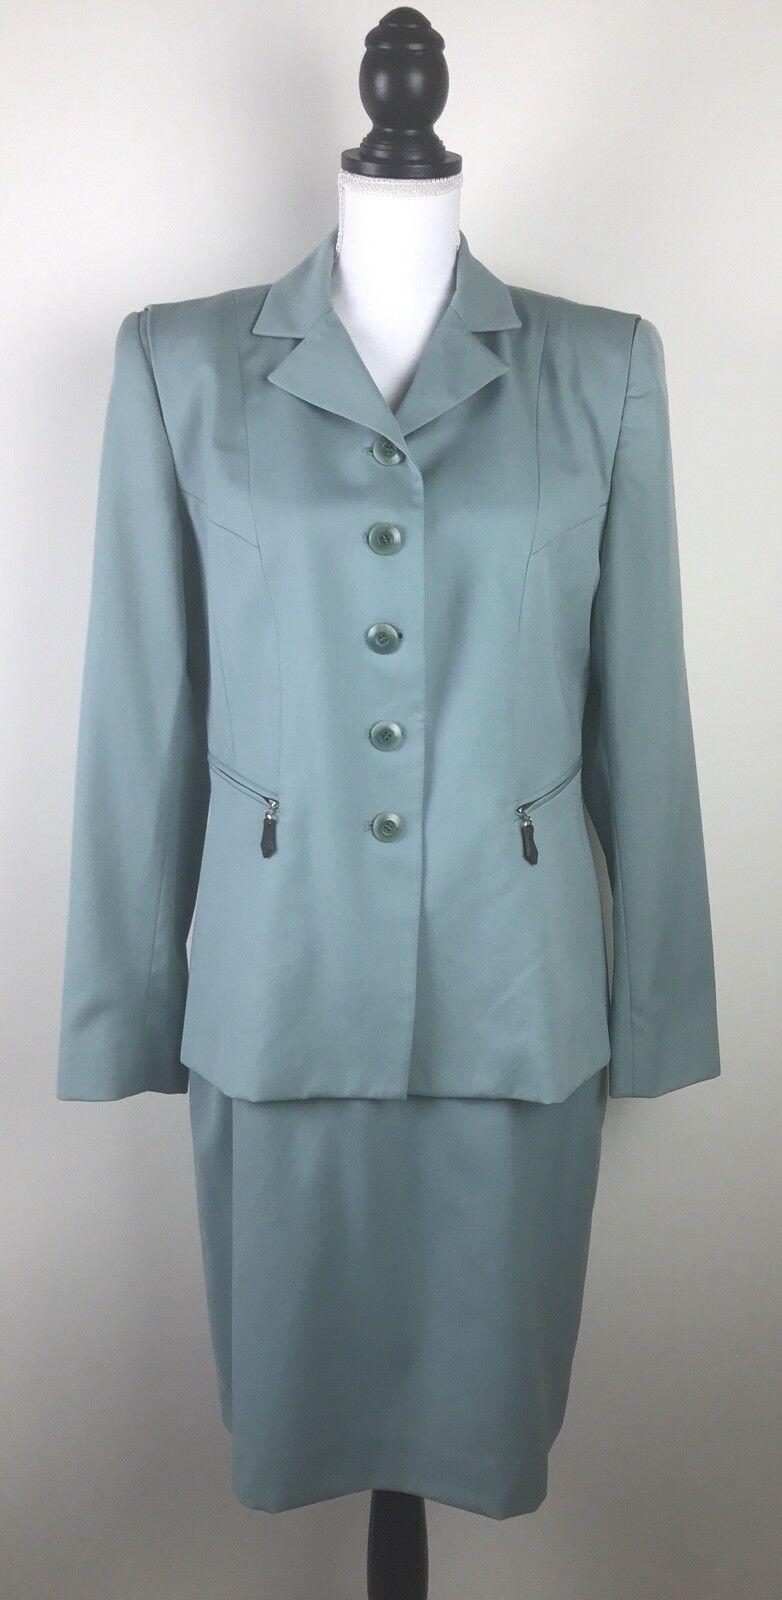 CARLISLE Women's Wool Suit 2-Piece Sz 10 Green Lined Skirt Blazer 100% Wool  250